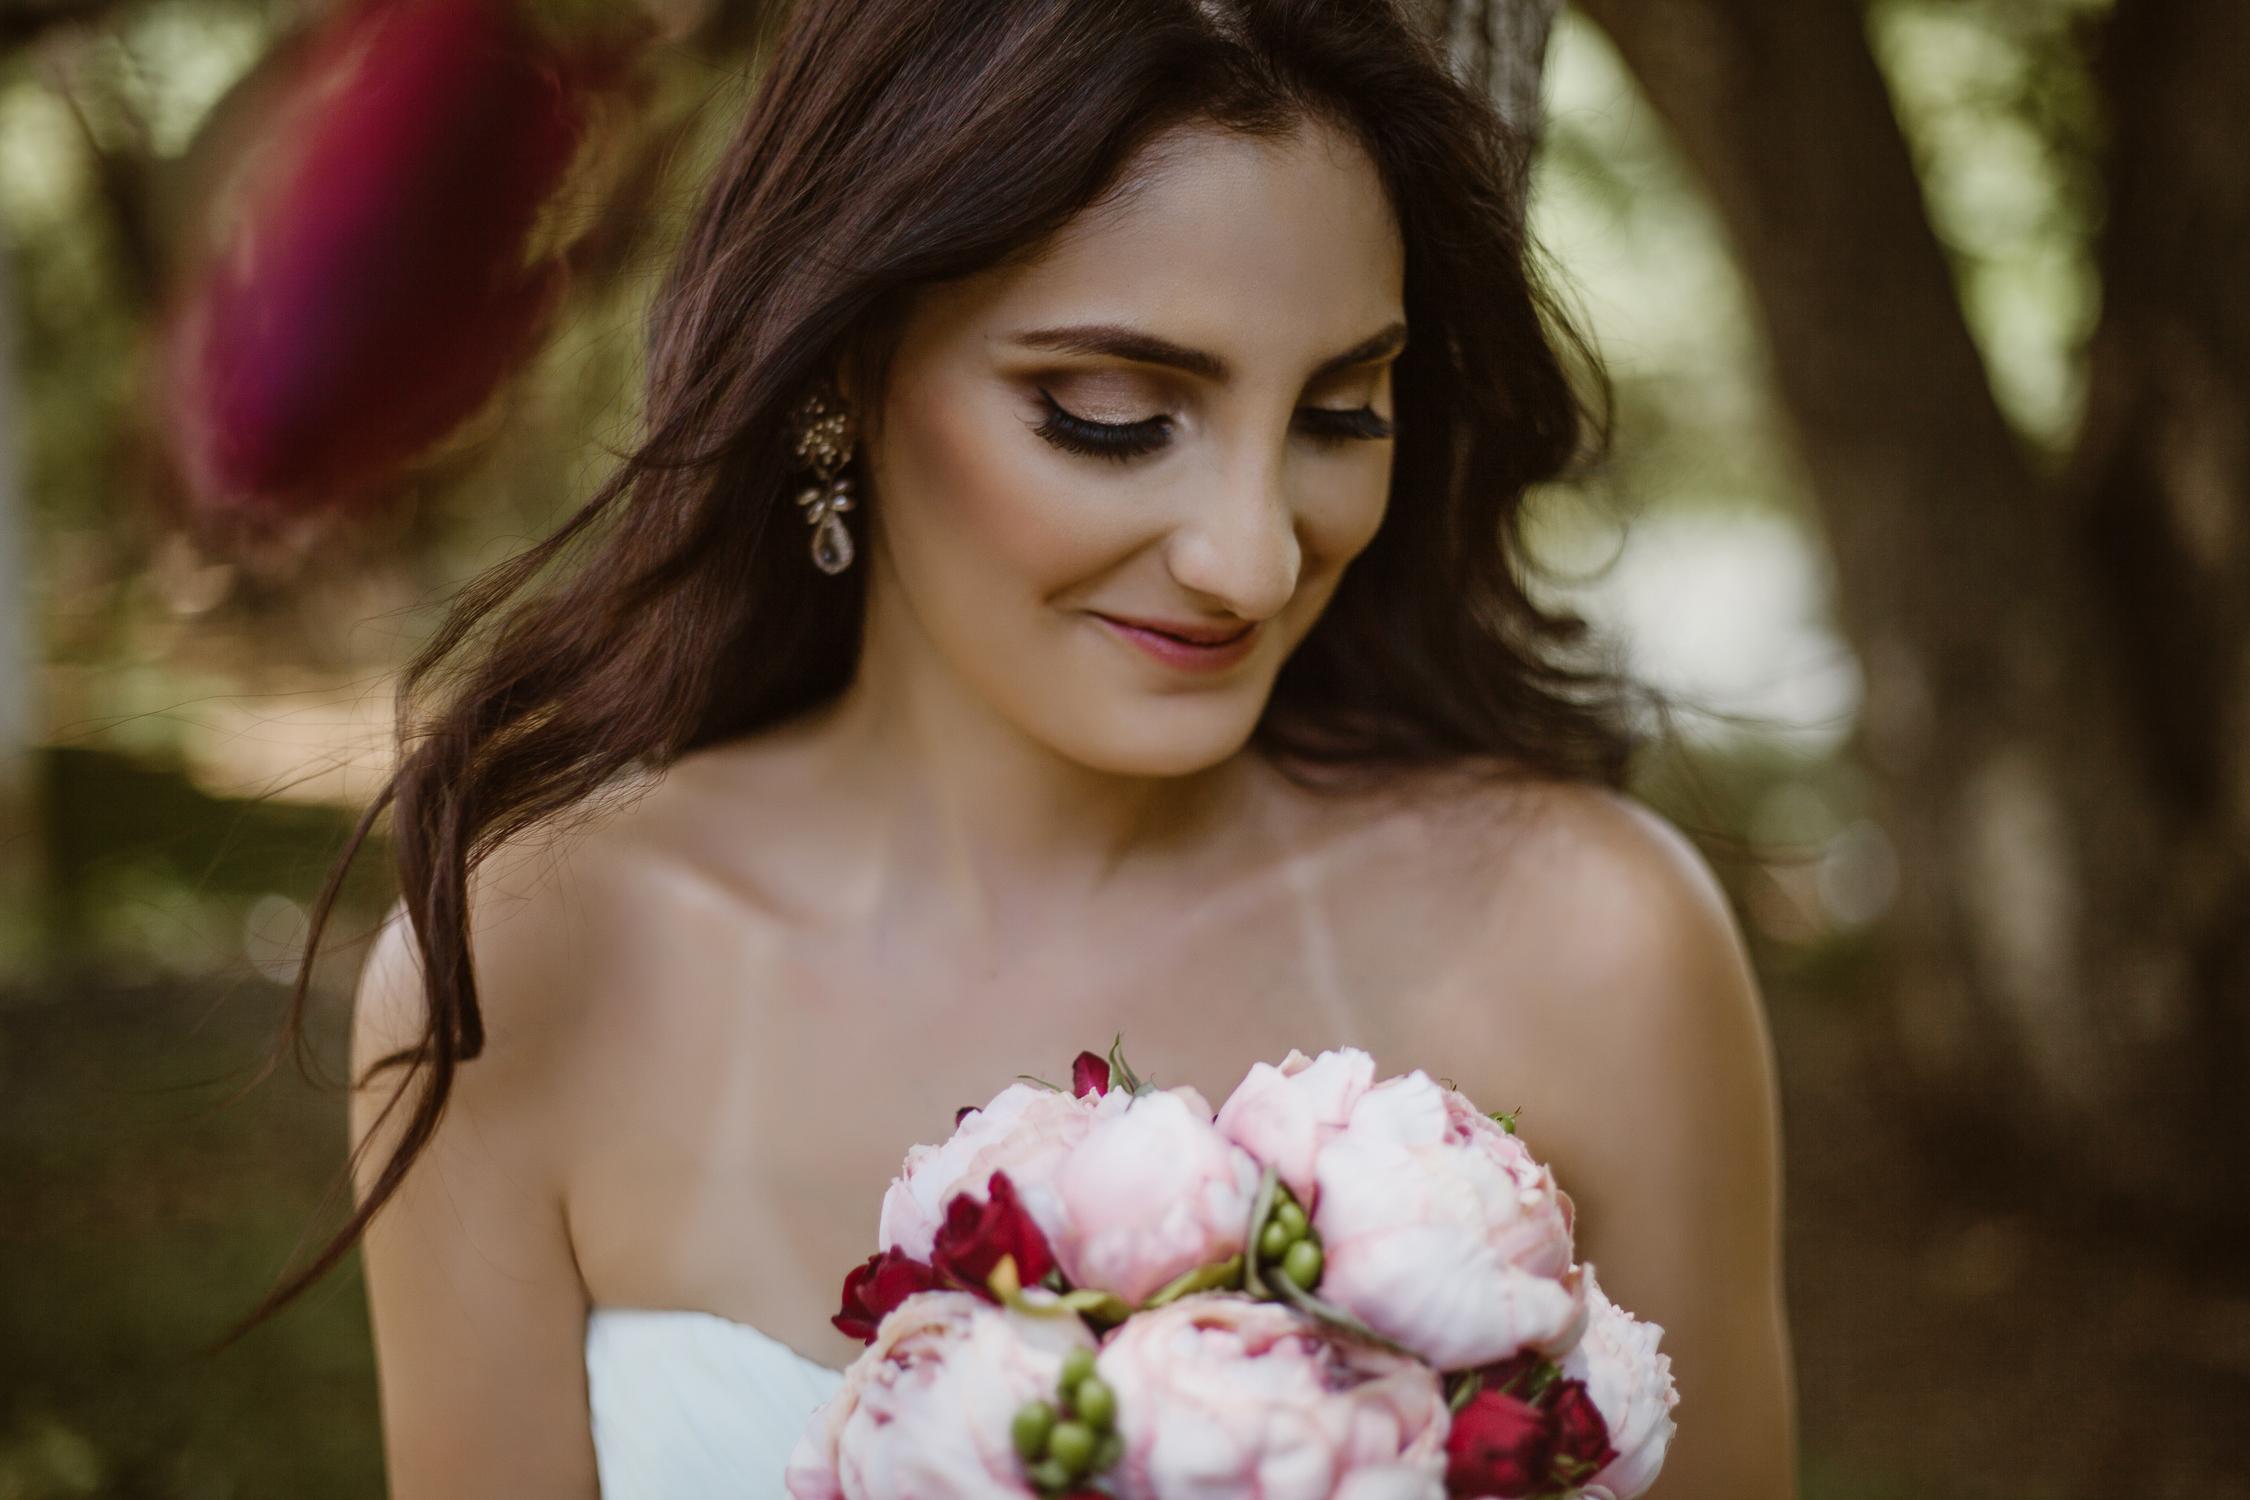 Michelle-Agurto-Fotografia-Bodas-Ecuador-Destination-Wedding-Photographer-Nathalie-Sebas-15.JPG